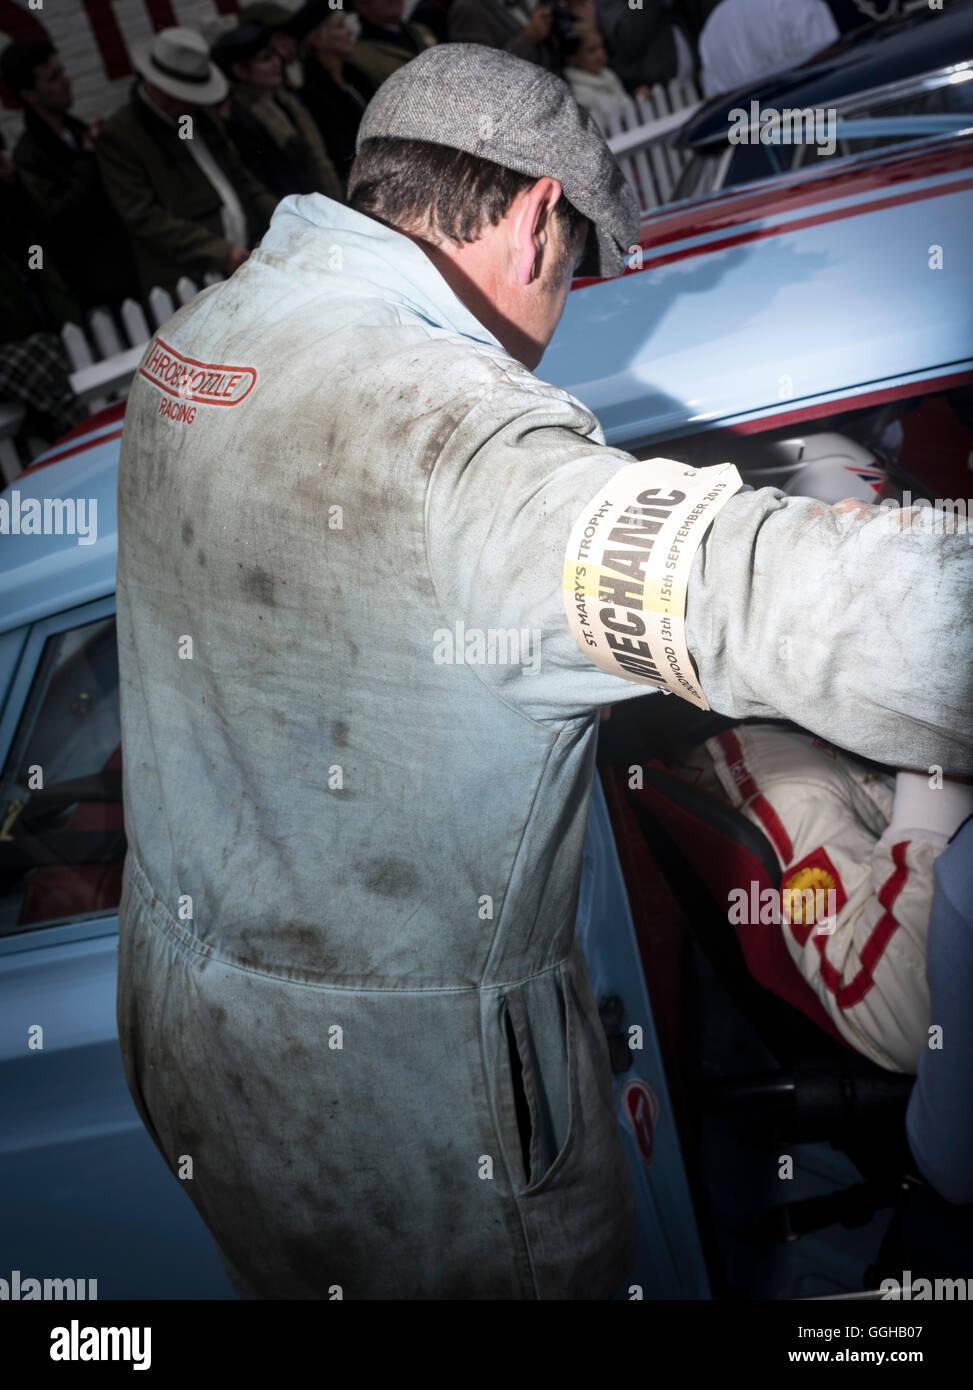 Mecánico, Goodwood Revival, carreras, coches de carreras, coches clásicos, Chichester, Sussex, Reino Unido, Gran Bretaña Foto de stock